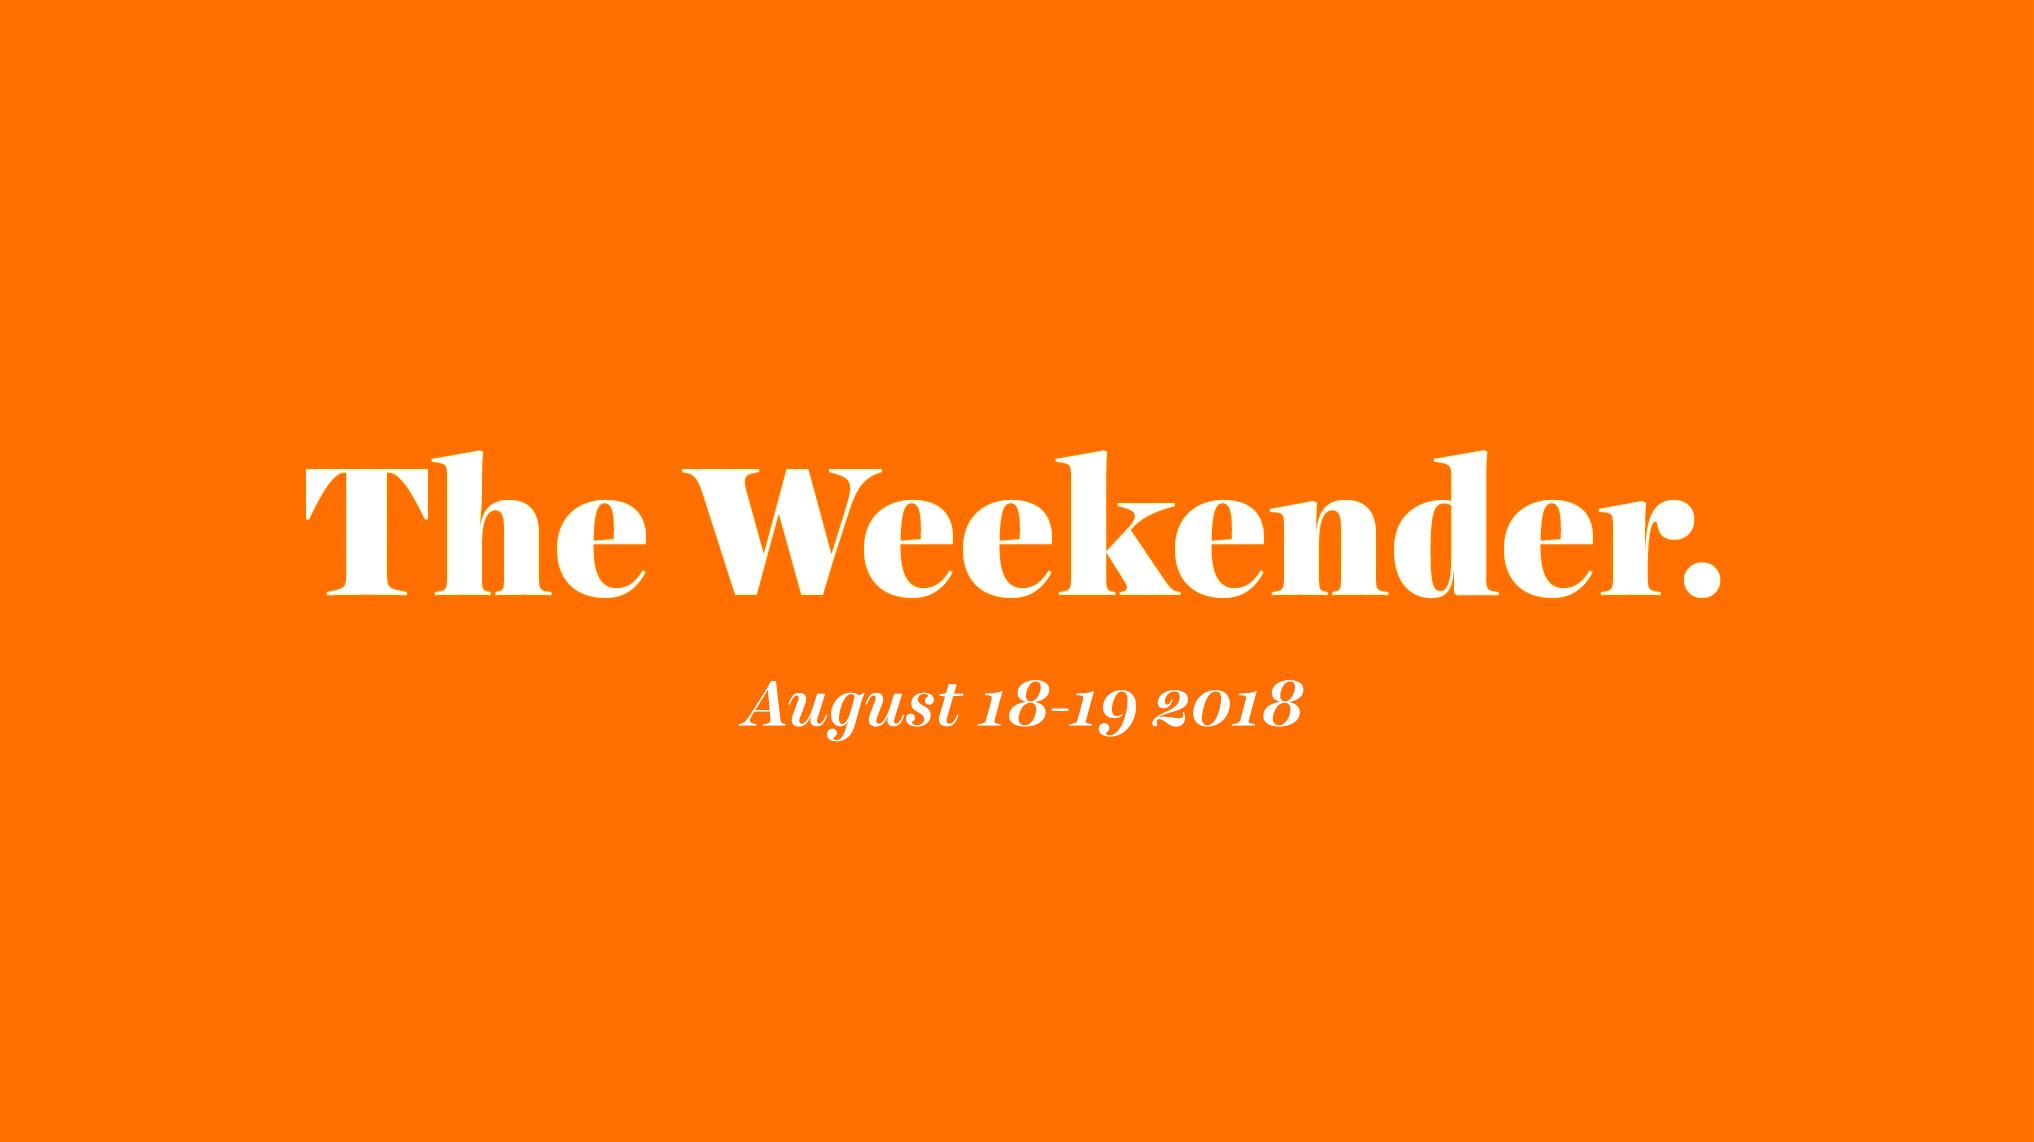 The Inman Weekender, August 18-19, 2018